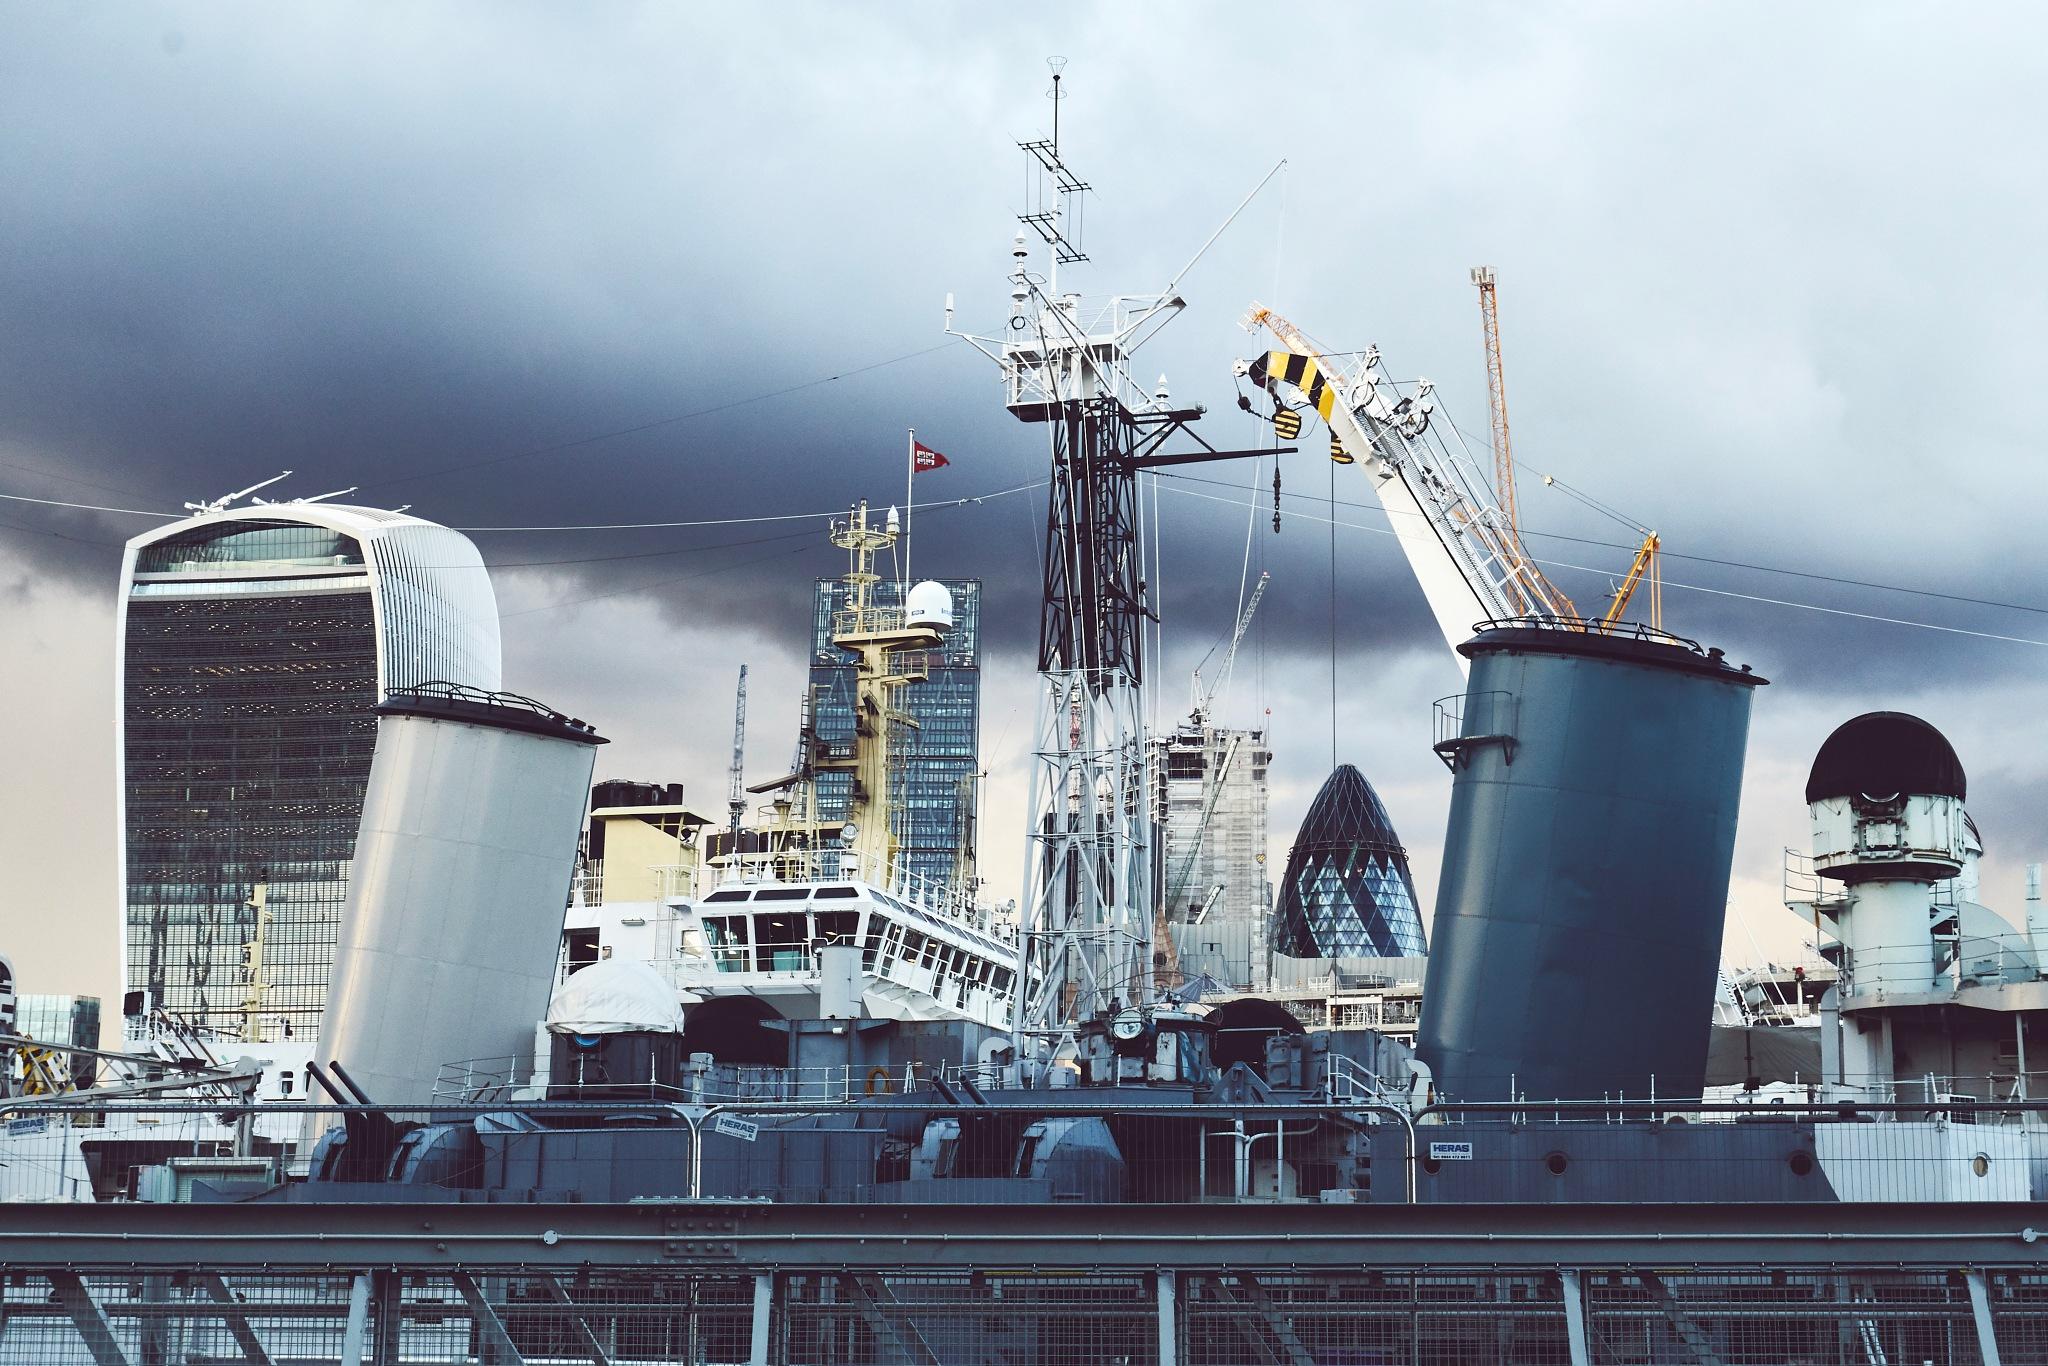 HMS Belfast by Daniel Malone